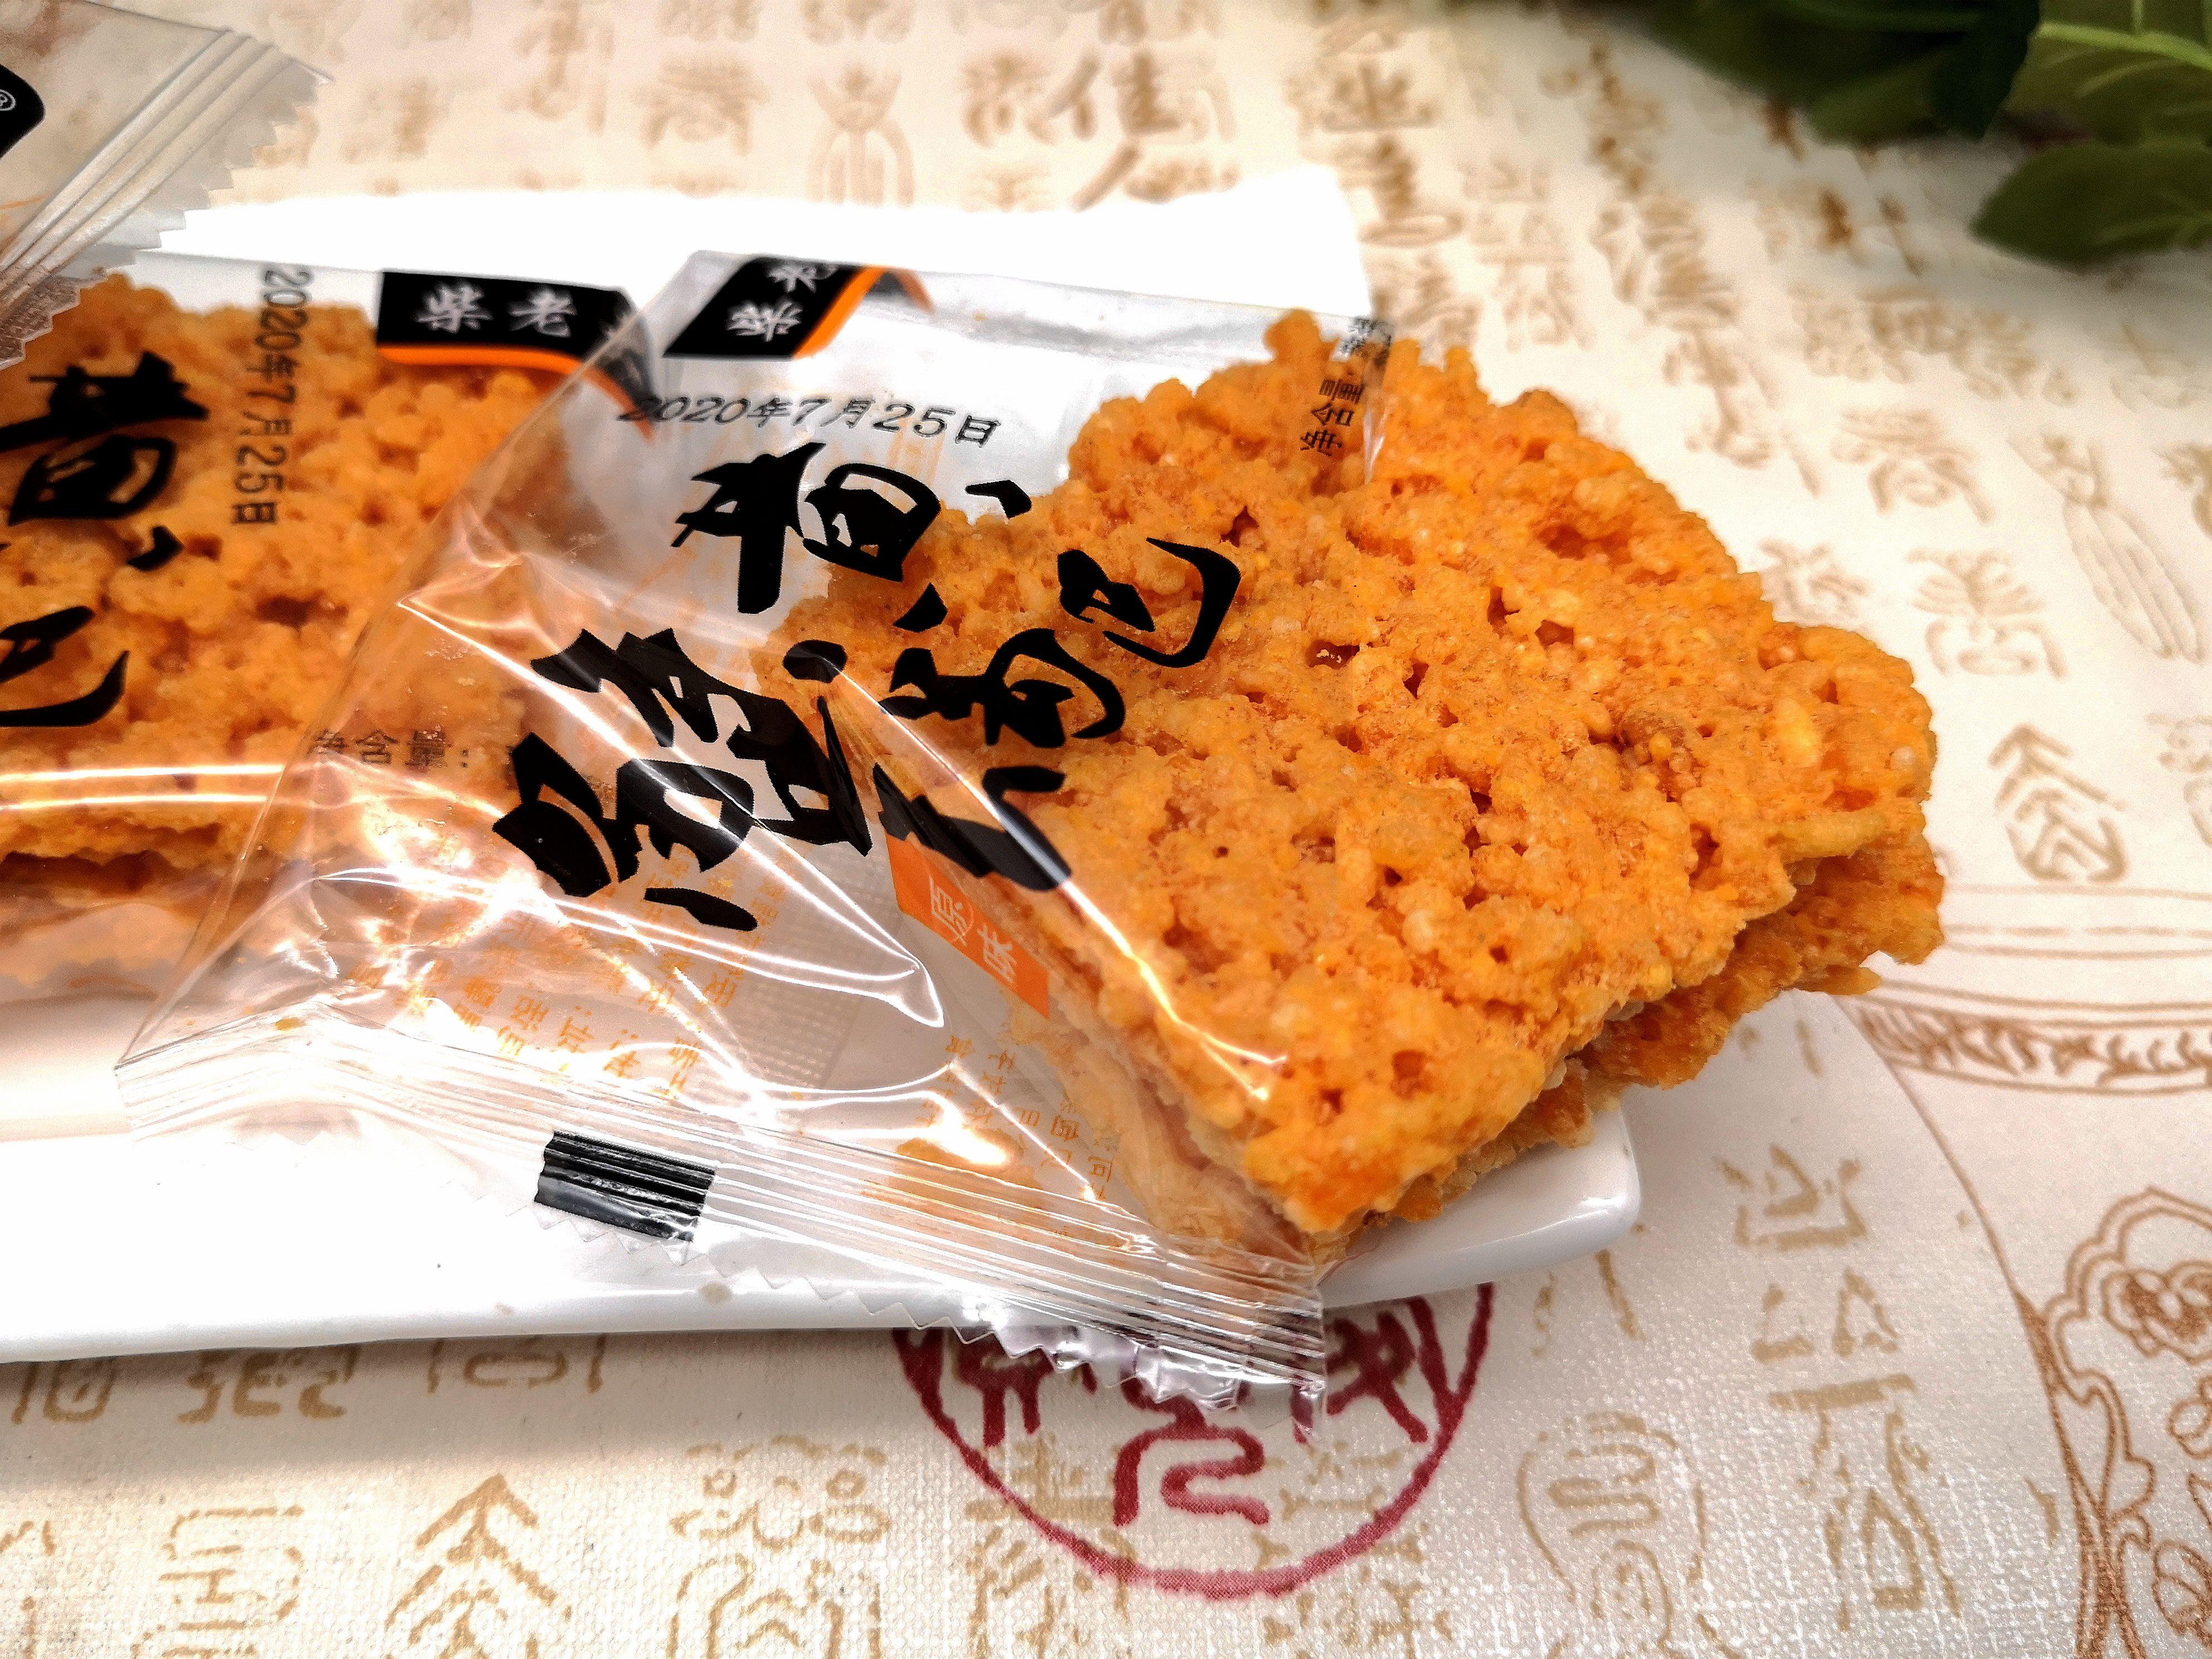 柴老大蟹黄锅巴蛋黄糯米锅巴4斤网红手工原味海苔味整箱散装零食 - 图1